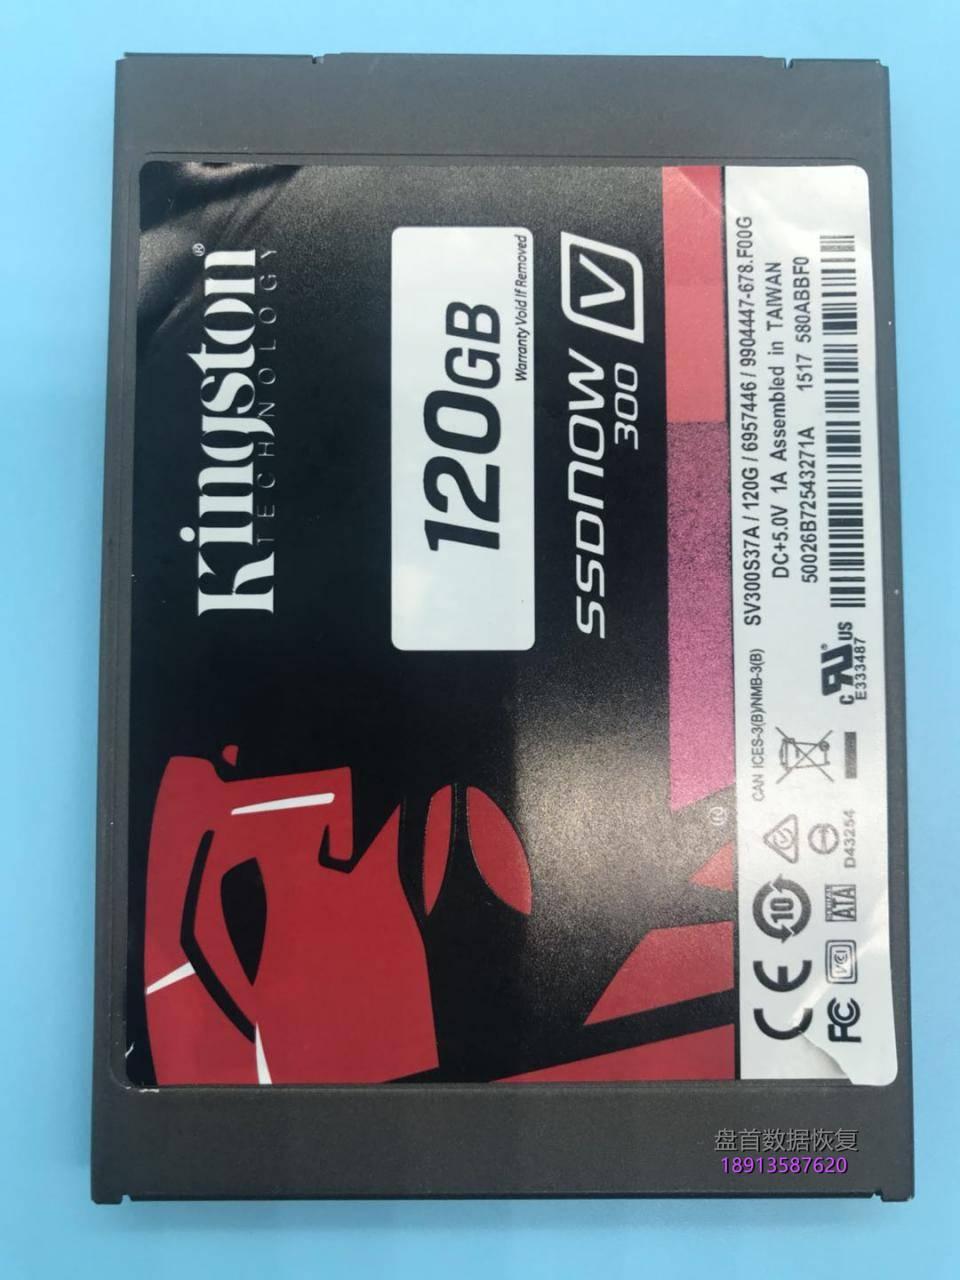 假金士顿ssd固态硬盘sv300s37a掉盘无法识别ssd不认盘数据完 假金士顿SSD固态硬盘SV300S37A掉盘无法识别SSD不认盘数据完美恢复